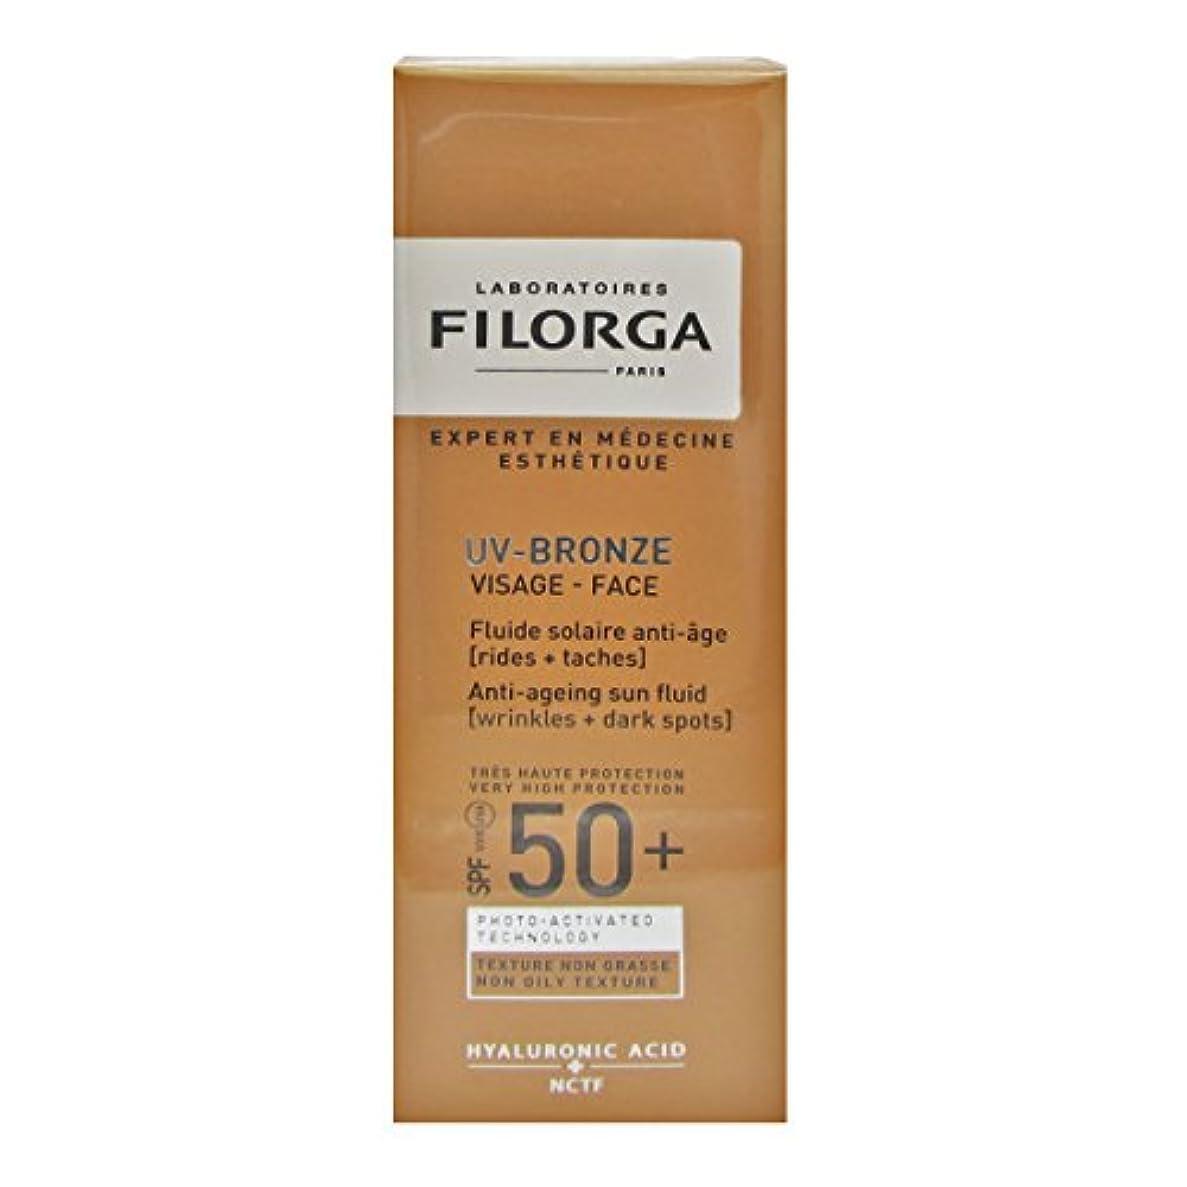 スペース昨日王位Filorga Uv-bronze Face Fluid Spf50+ 40ml [並行輸入品]